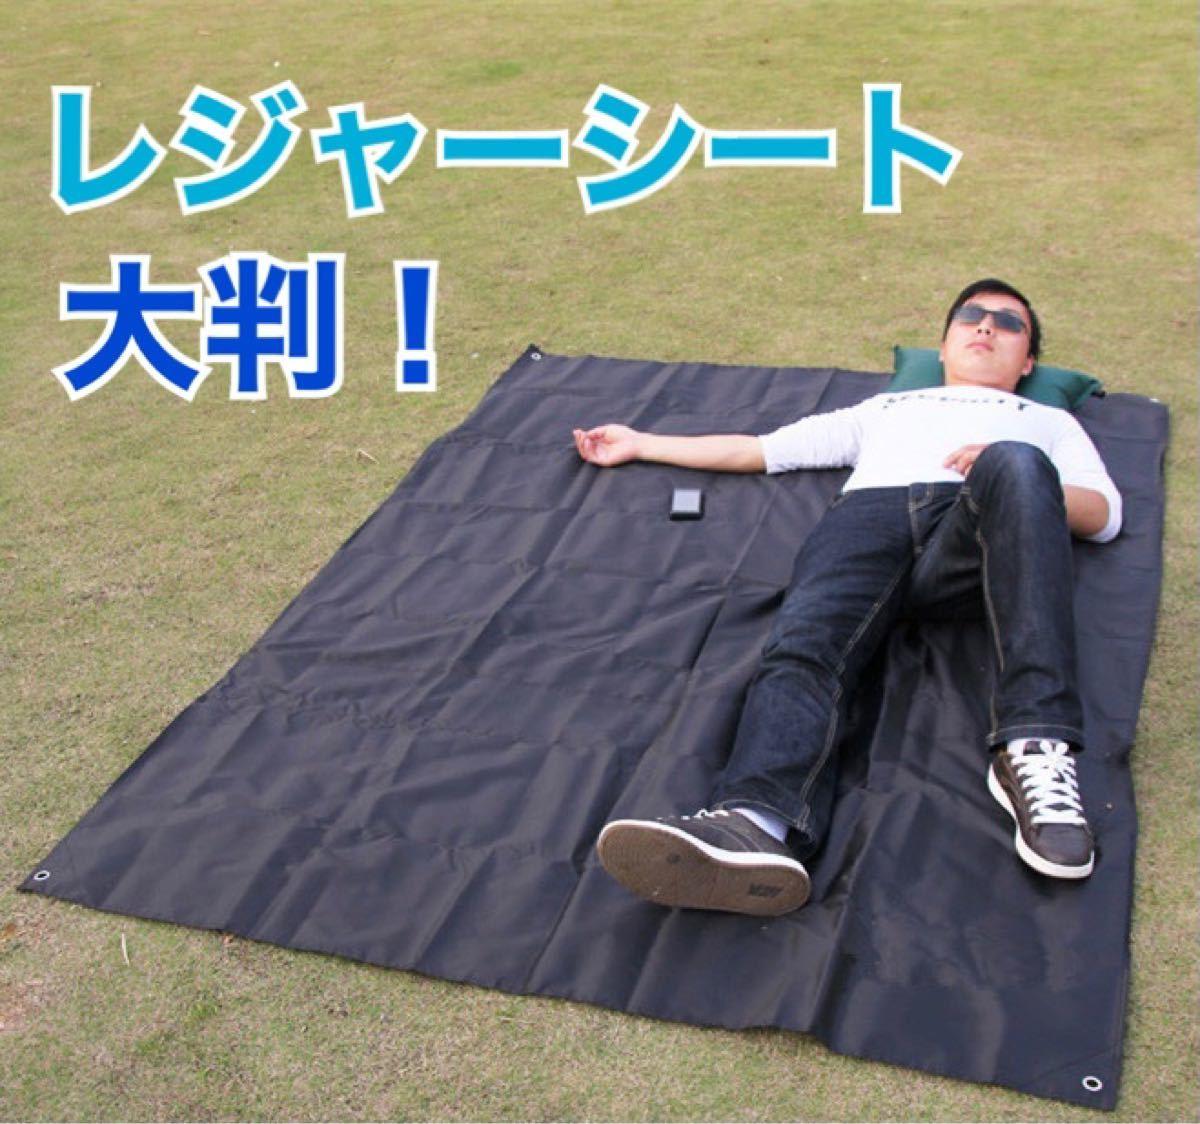 レジャーシート 大判 キャンプ テント タープ ピクニック アウトドア 運動会 お花見 ブラック